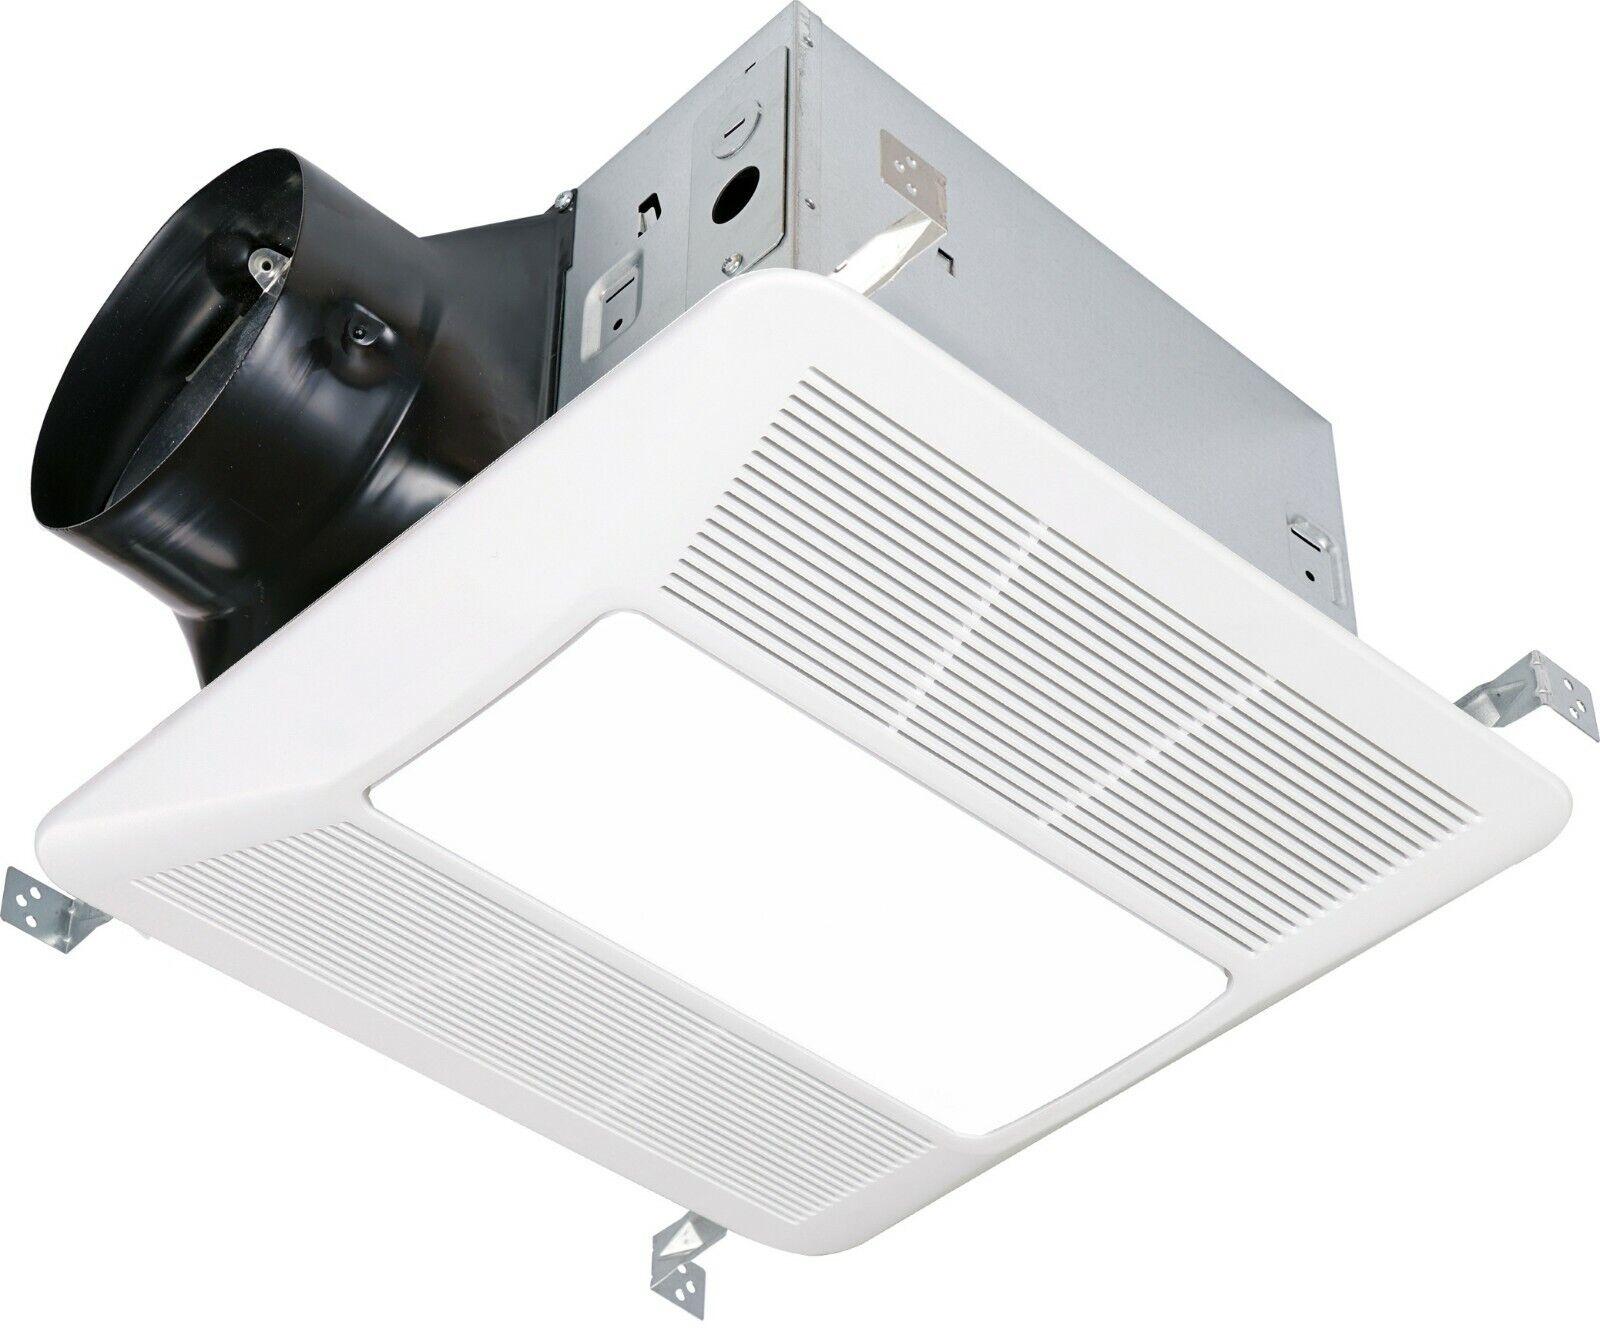 KAZE SEPD200L2 Quiet Bathroom Ventilation Exhaust Fan LED Li